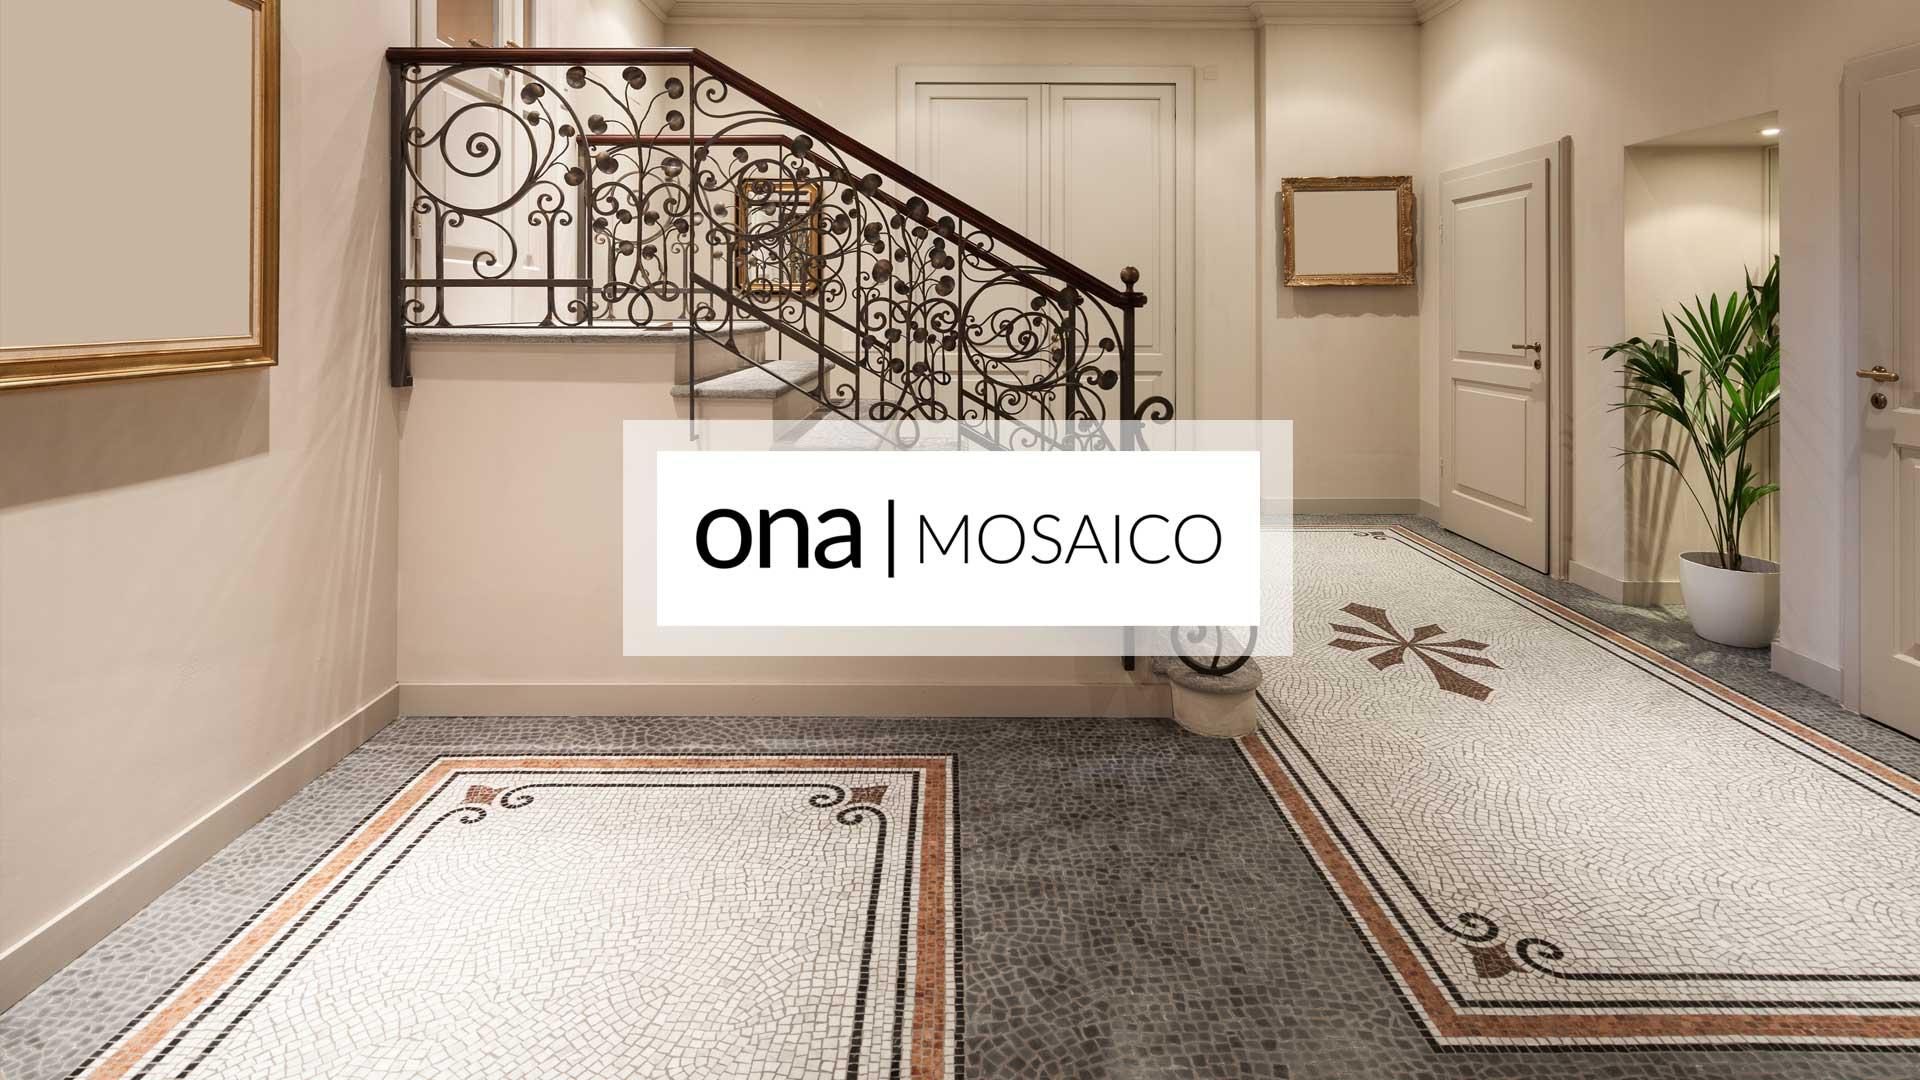 Suelo mosaico ideas para decorar el bao con mosaicos hidrulicos la tapera sala suelo mosaico y - Mosaicos para suelos ...